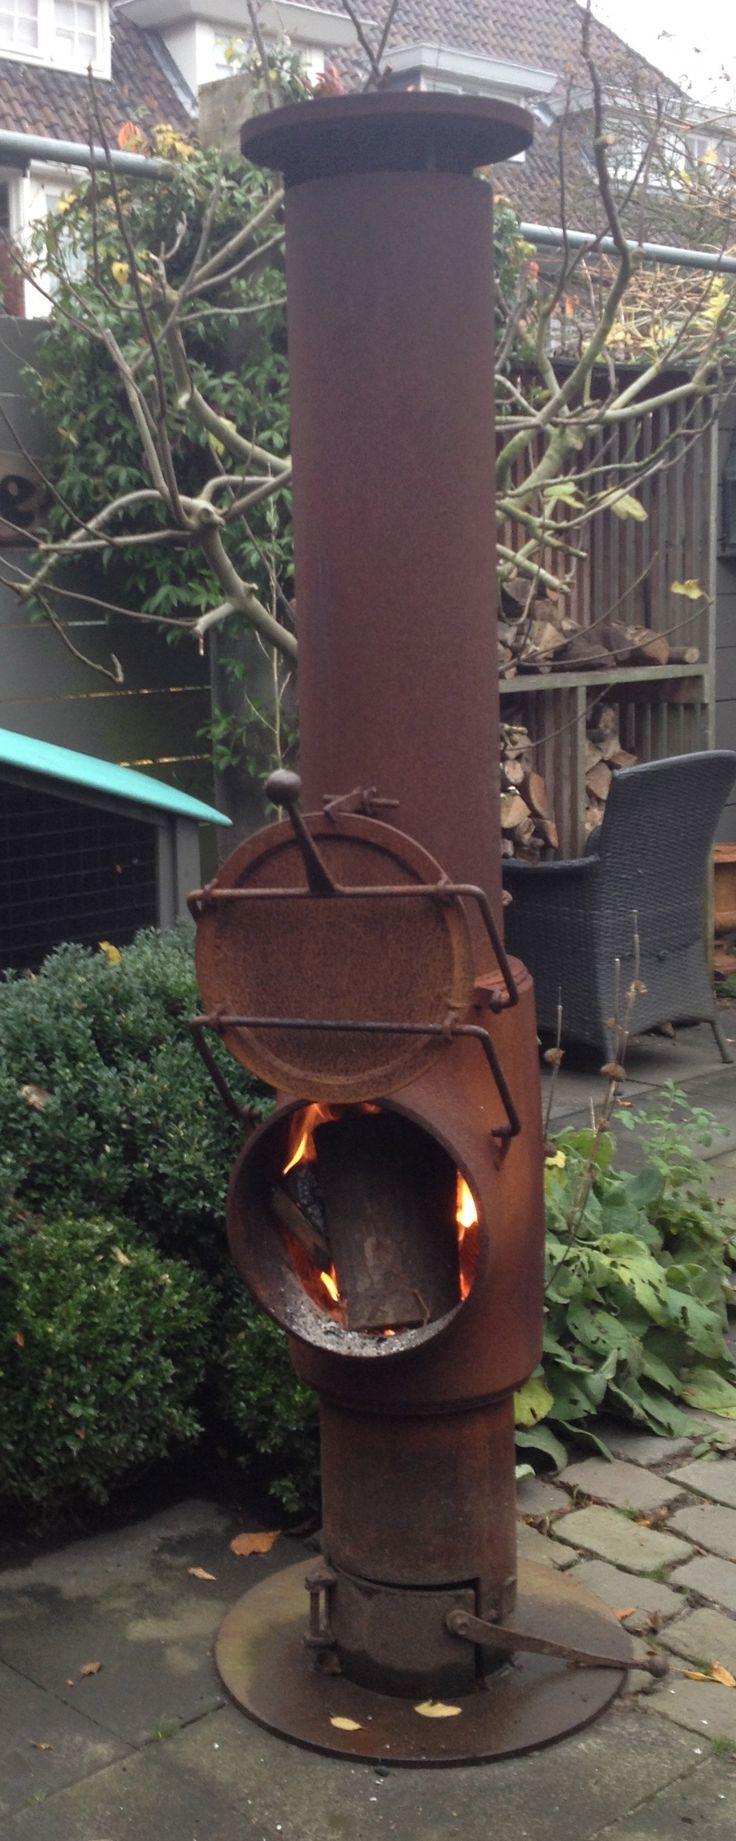 Met een heerlijk knapperd vuurtje in deze stoere kachel, is het zeer aangenaam vertoeven tot in de late uurtjes.